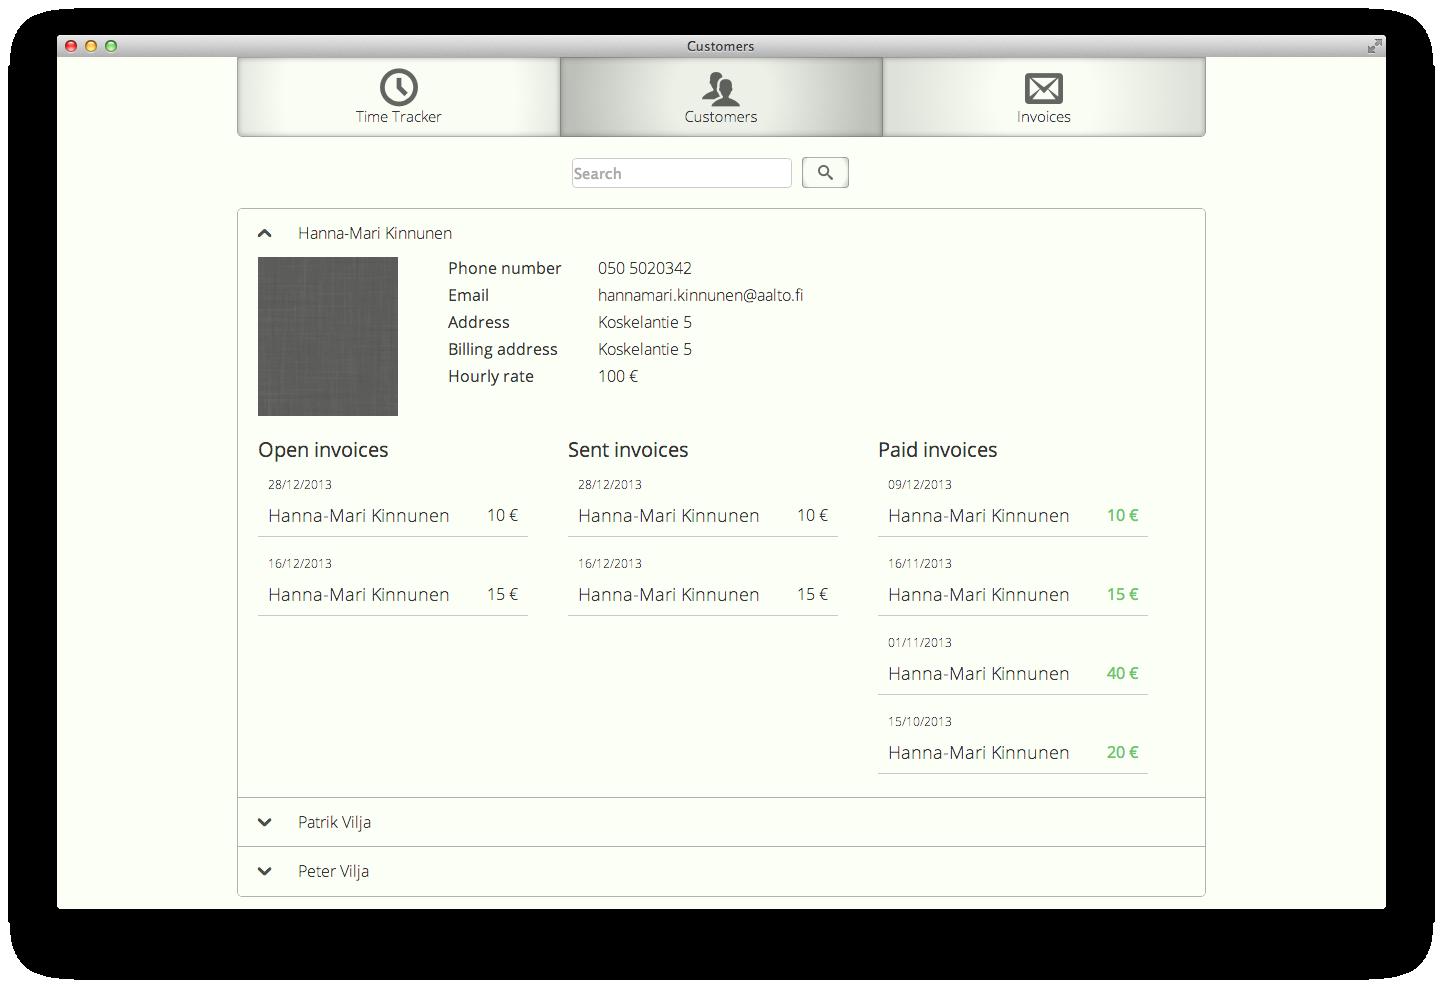 GitHub - peter-vilja/rta-desktop-app: A Node-webkit application for